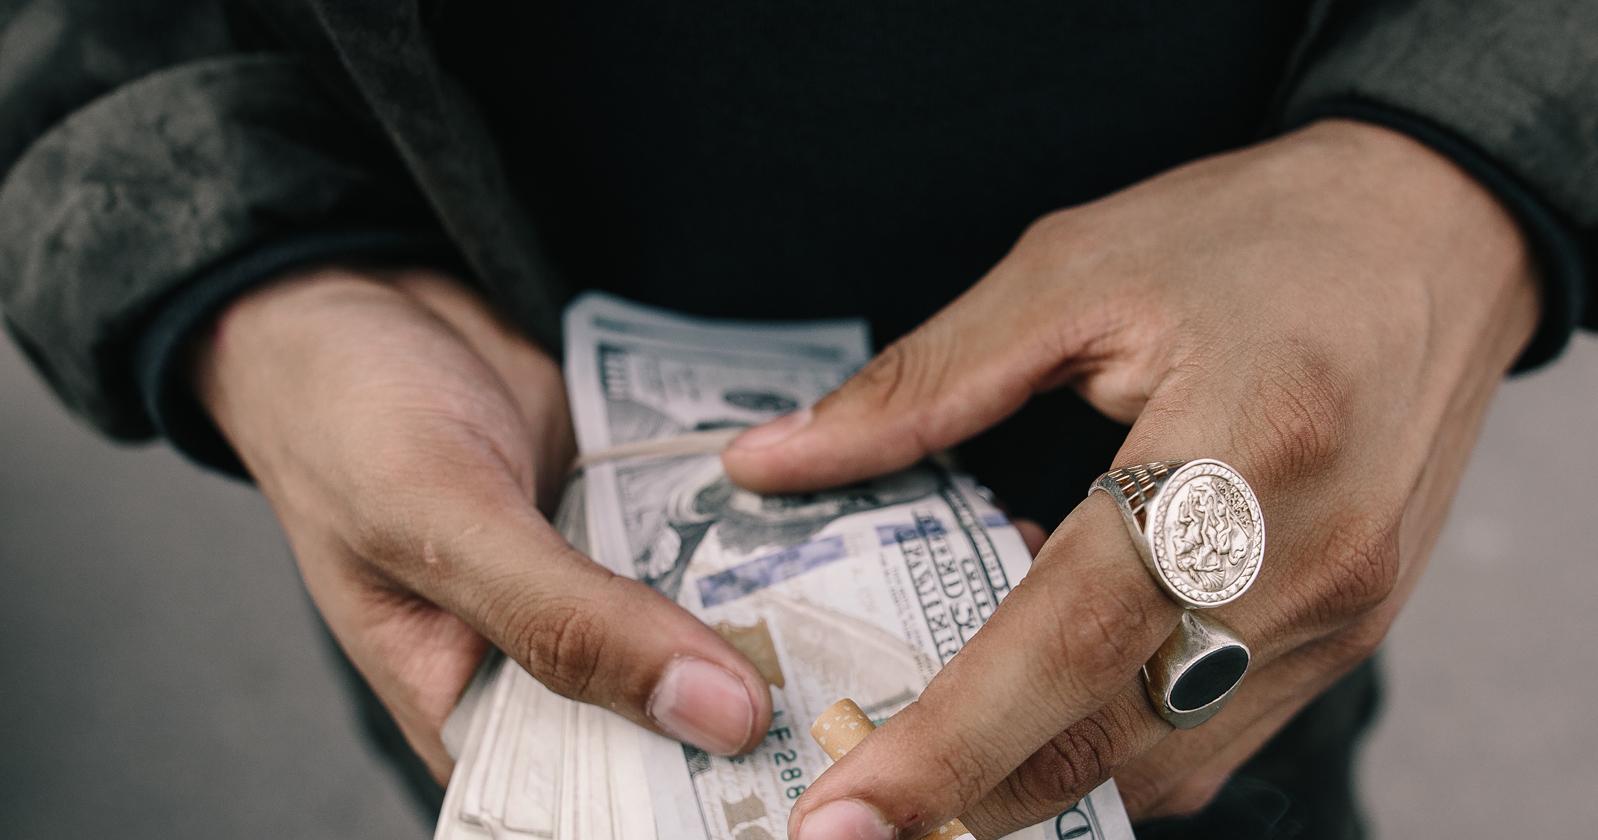 Взяти кредит у приватної особи під розписку